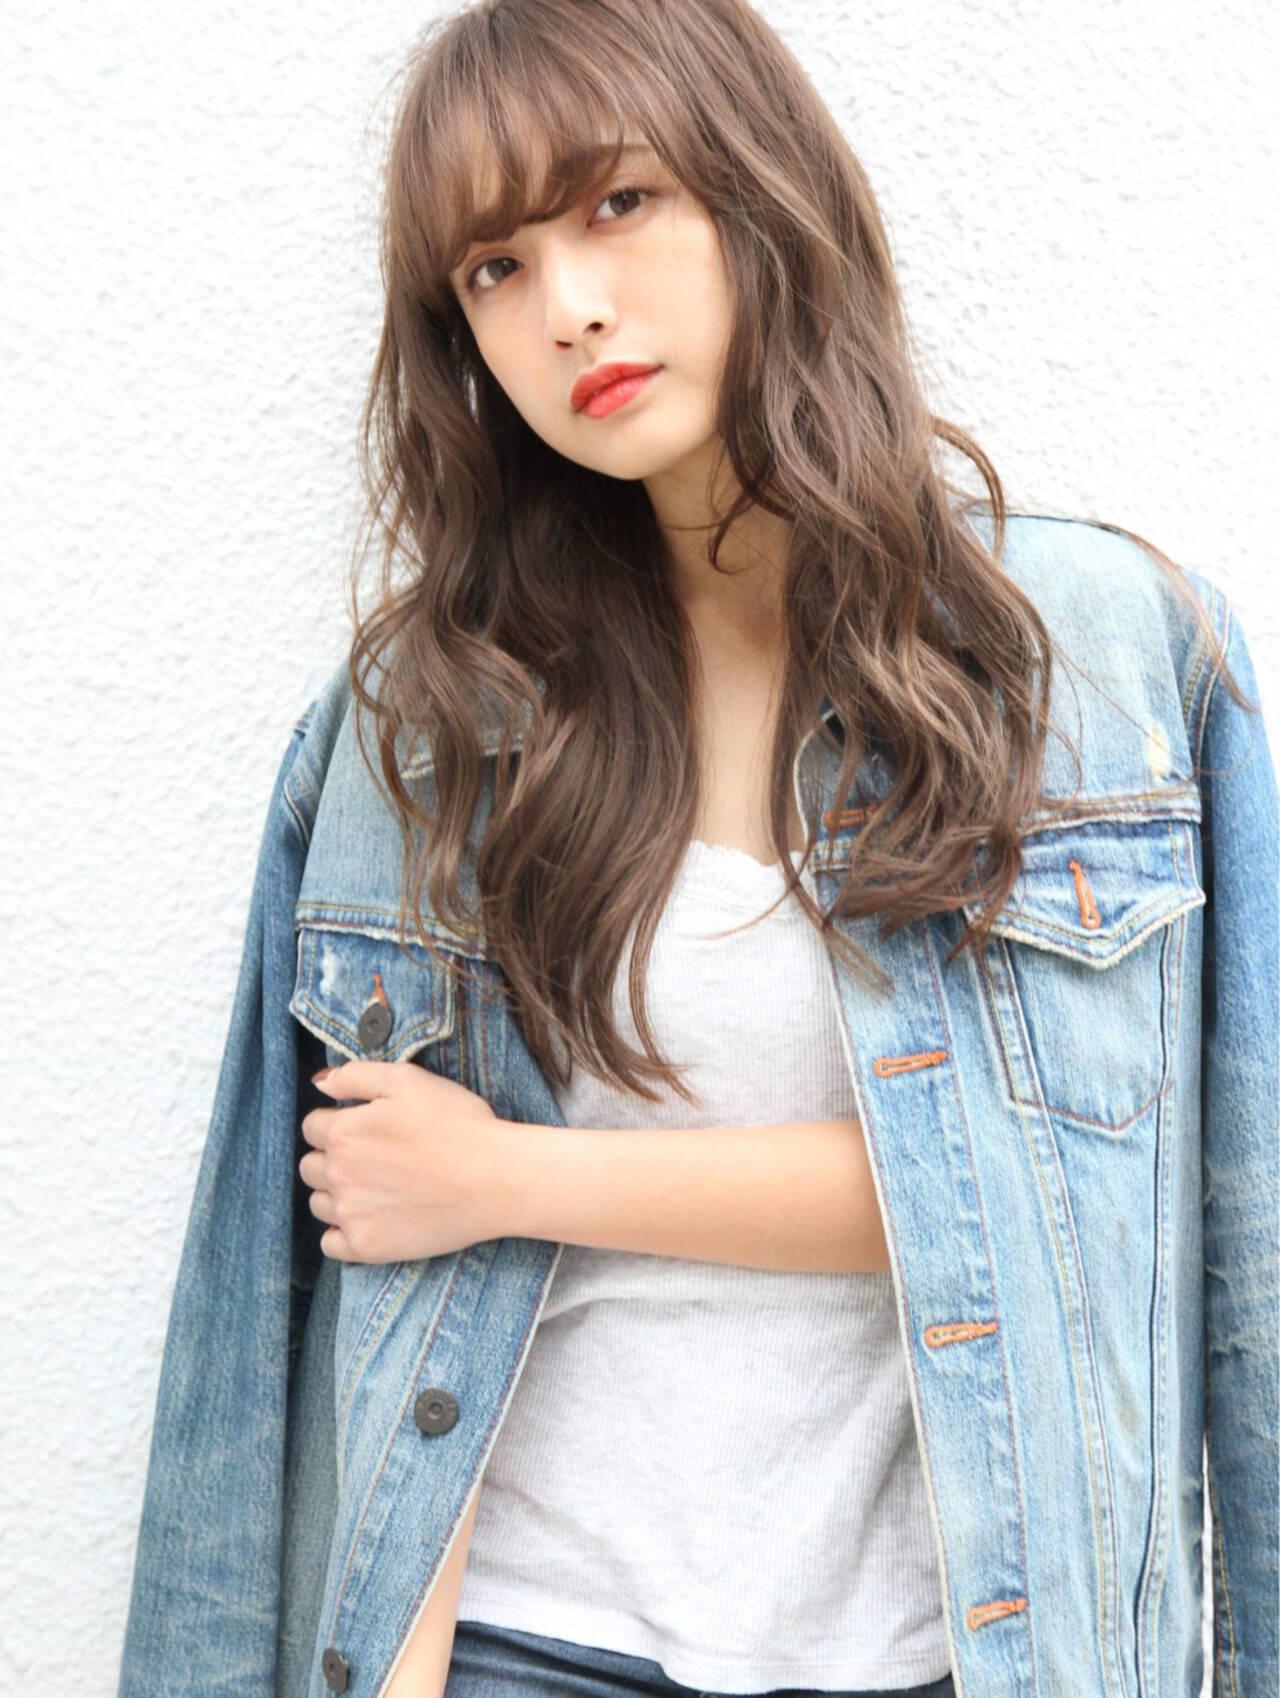 イルミナカラー 簡単ヘアアレンジ ナチュラル ロングヘアスタイルや髪型の写真・画像